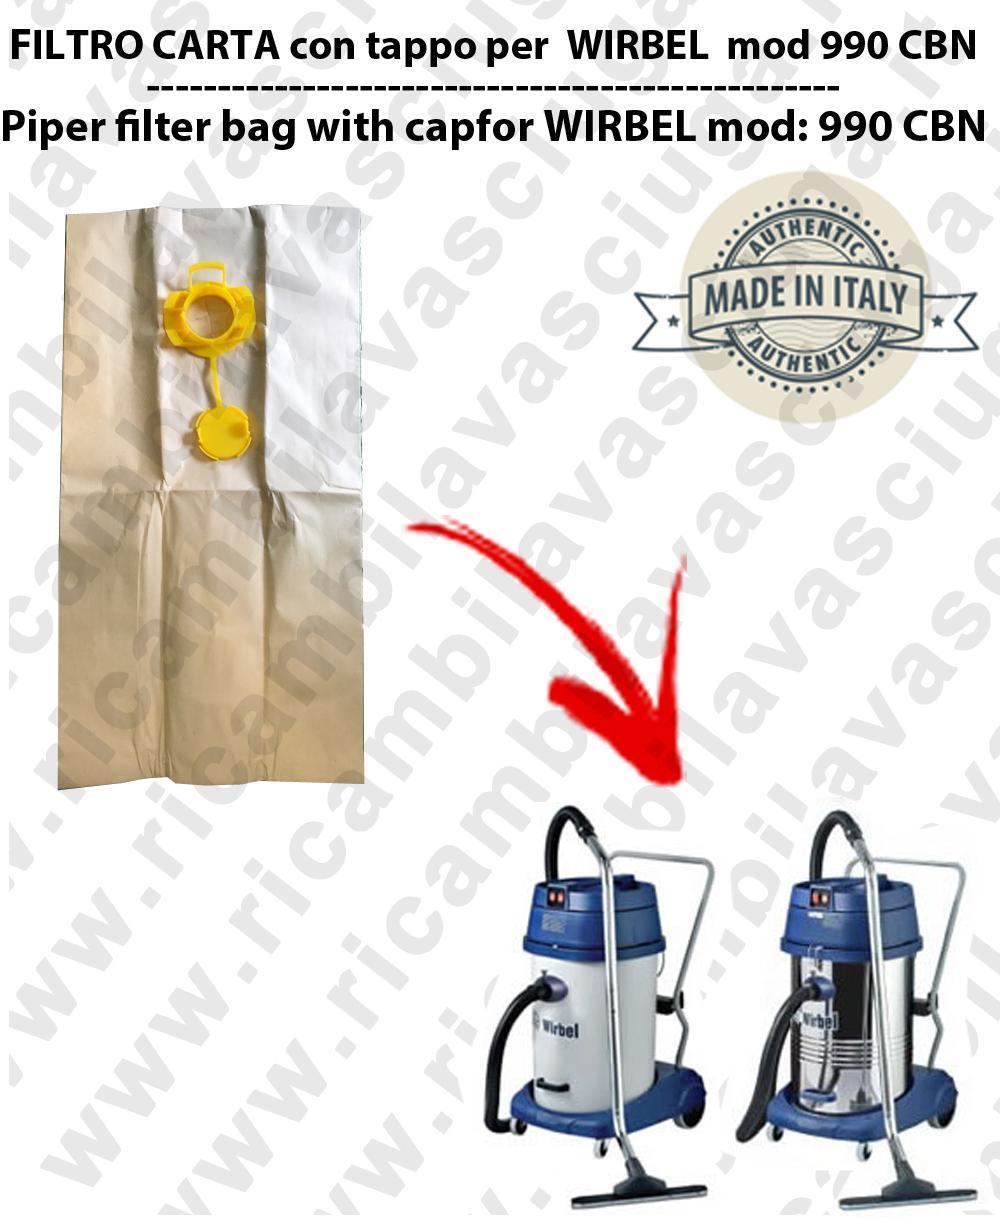 Papierfilter liter 19 mit stopper 10 Stücke für Staubsauger WIRBEL 990 CBN